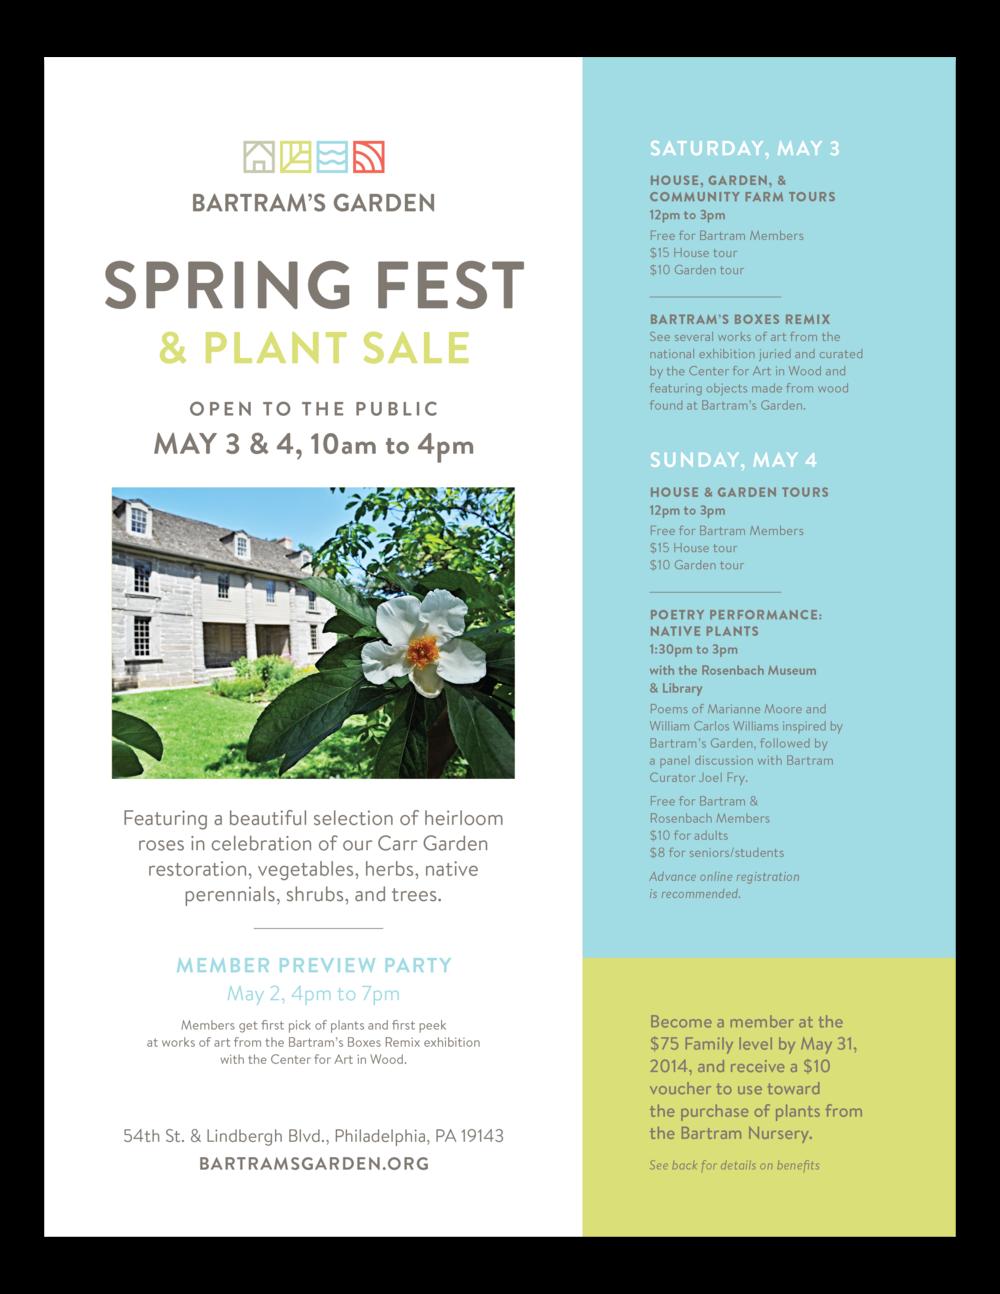 Bartram's Garden event